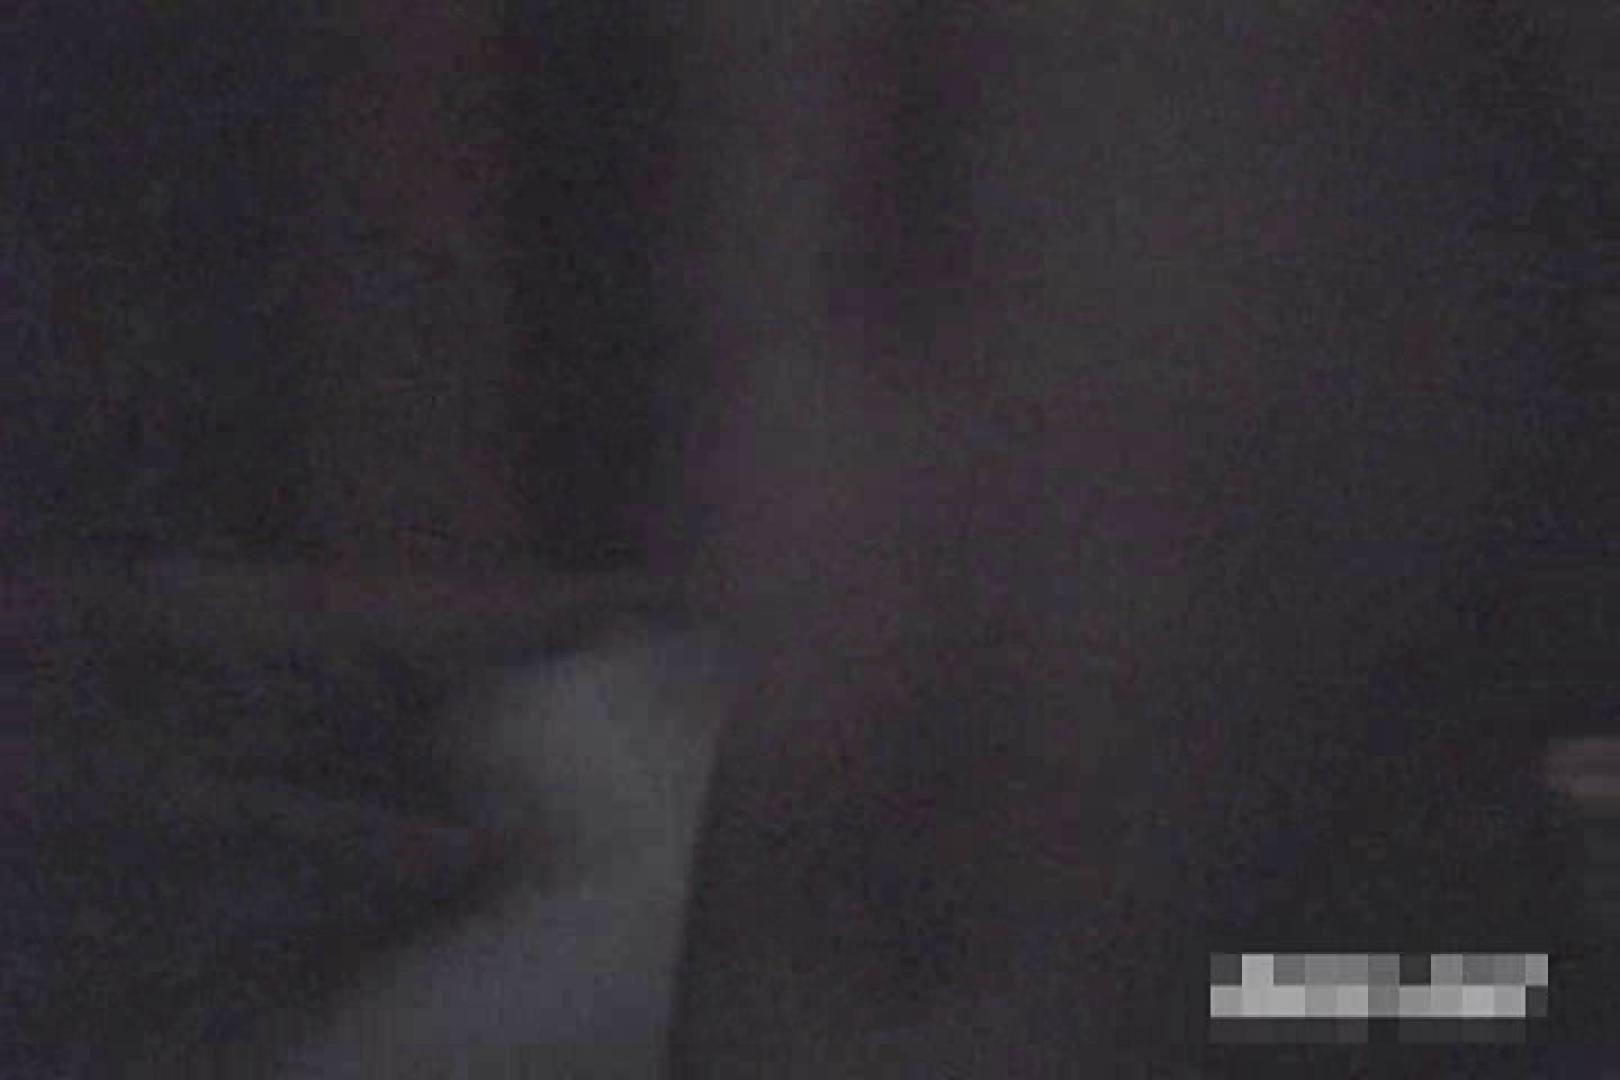 深夜の撮影会Vol.4 潜伏露天風呂 隠し撮りすけべAV動画紹介 63pic 52